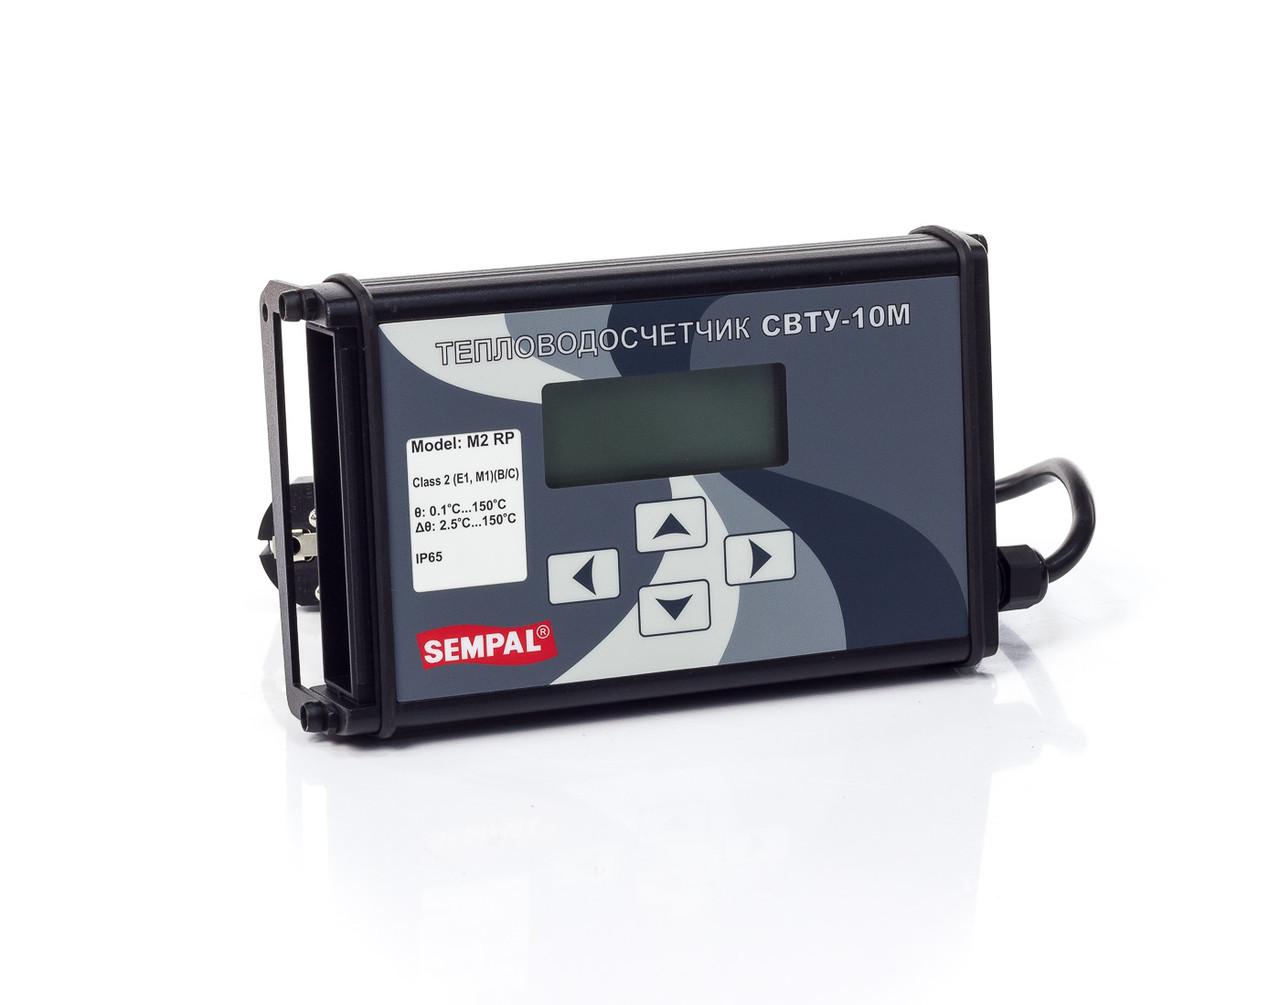 SEMPAL СВТУ-10M M2 RP DN65 водосчетчик ультразвуковой промышленный.